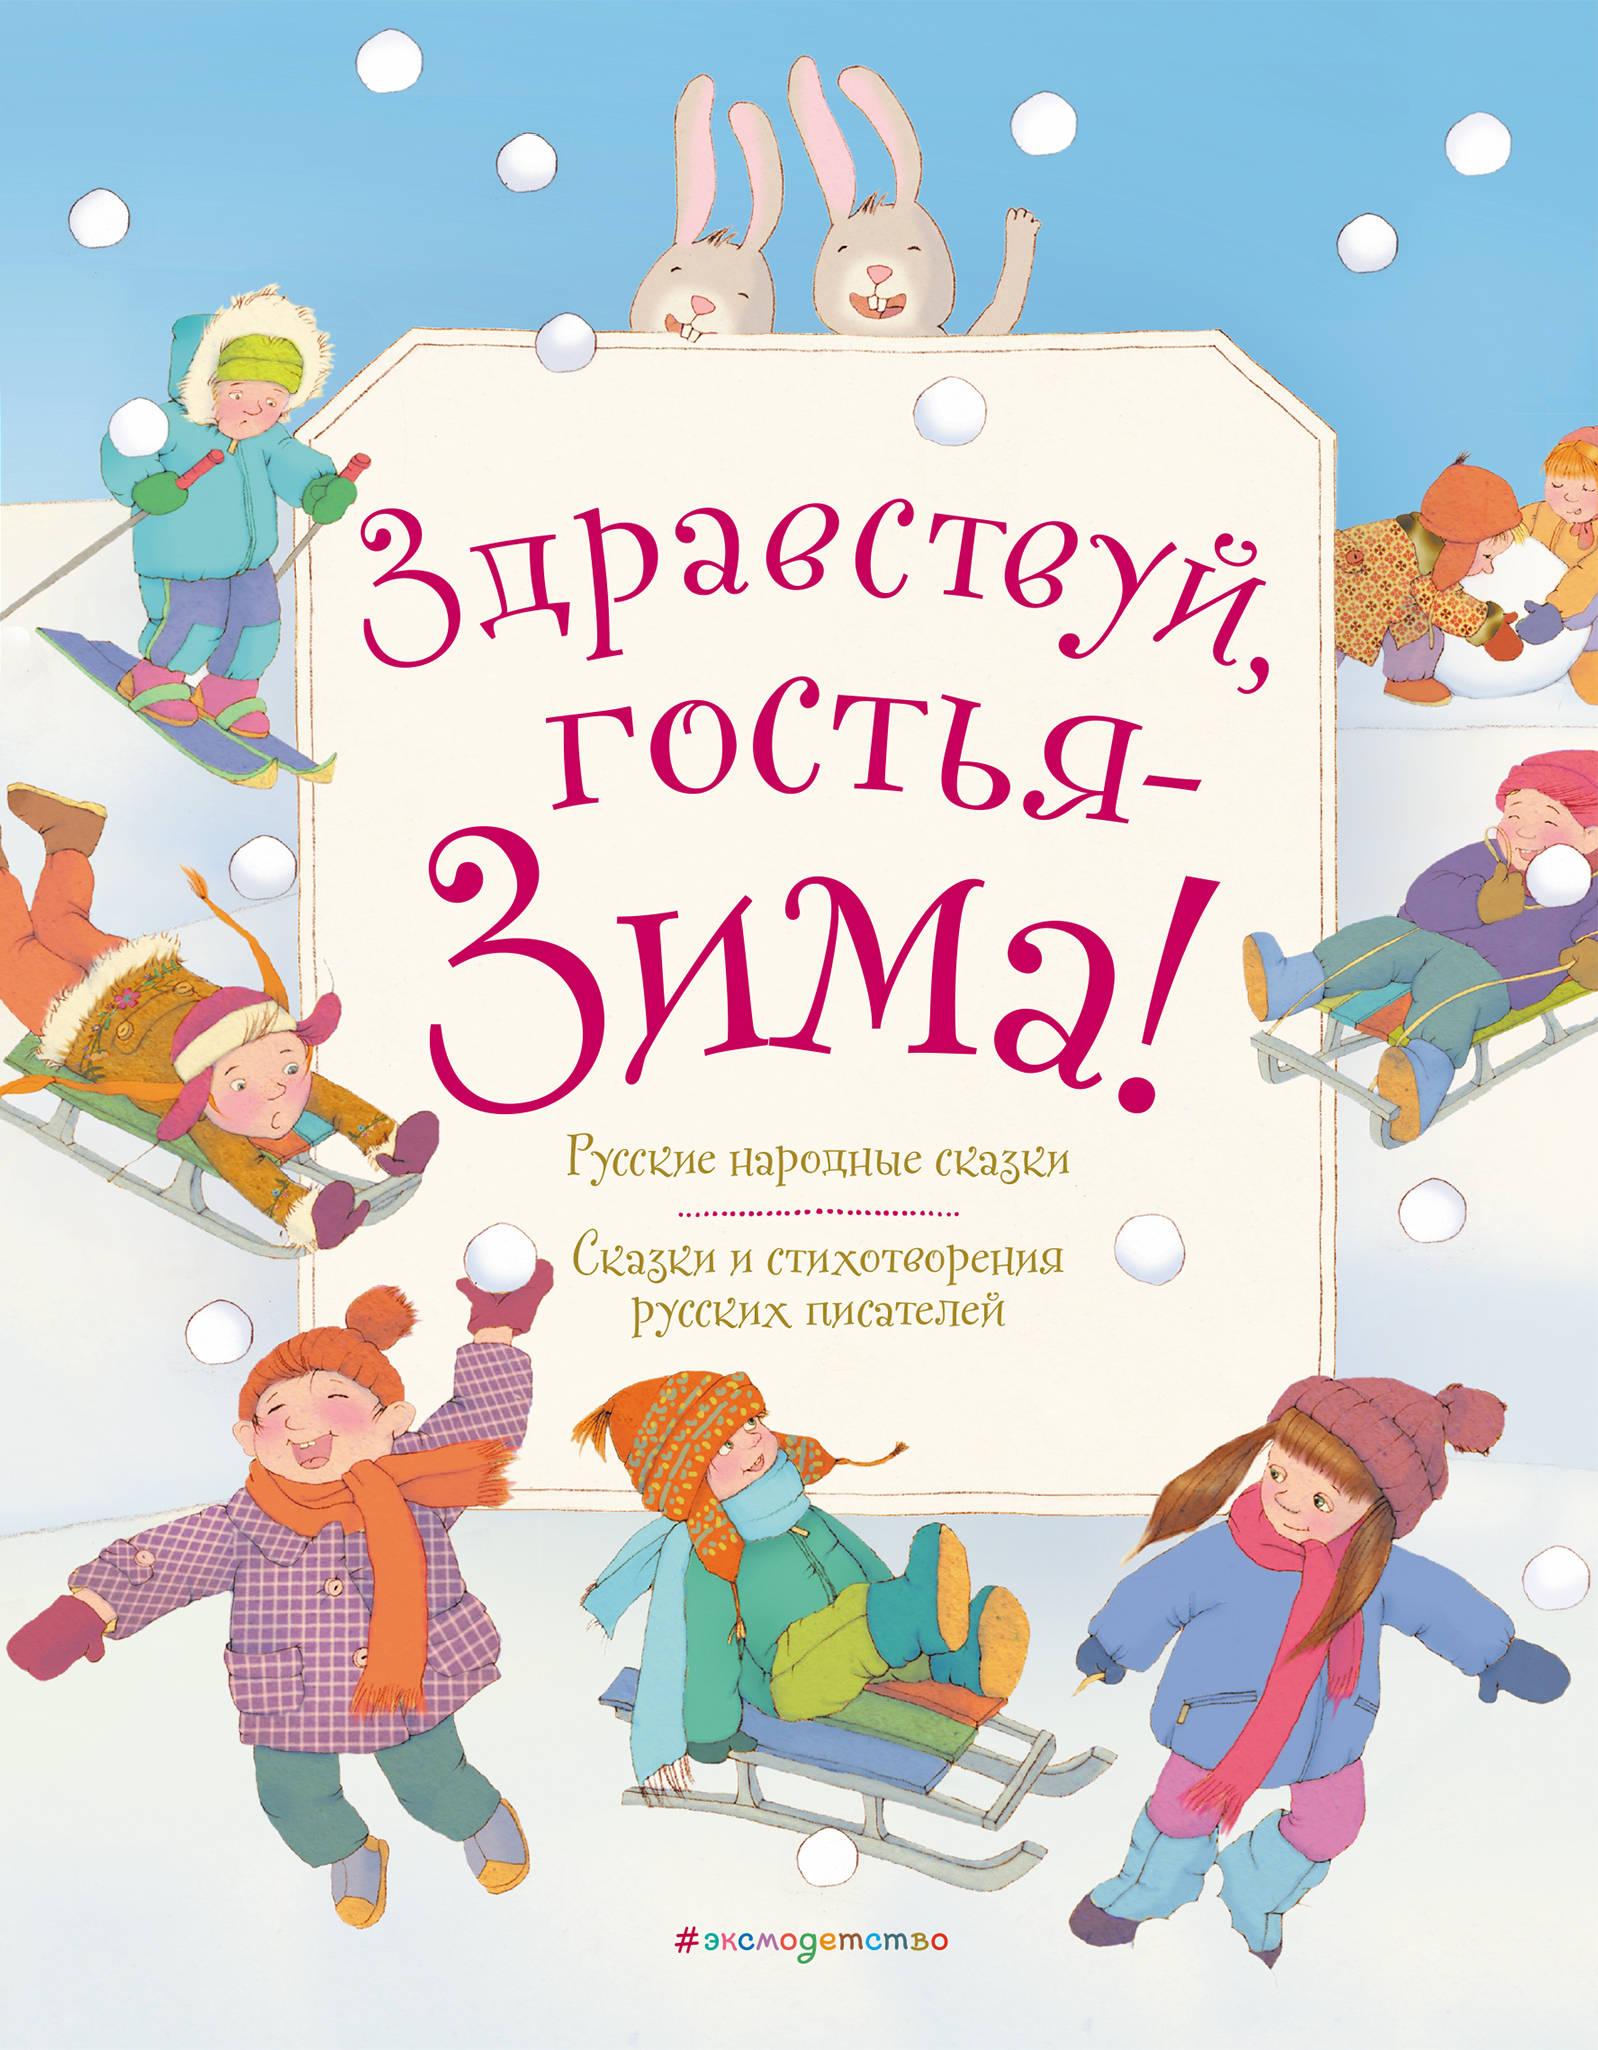 Zdravstvuj, gostja zima! Russkie stikhi i skazki